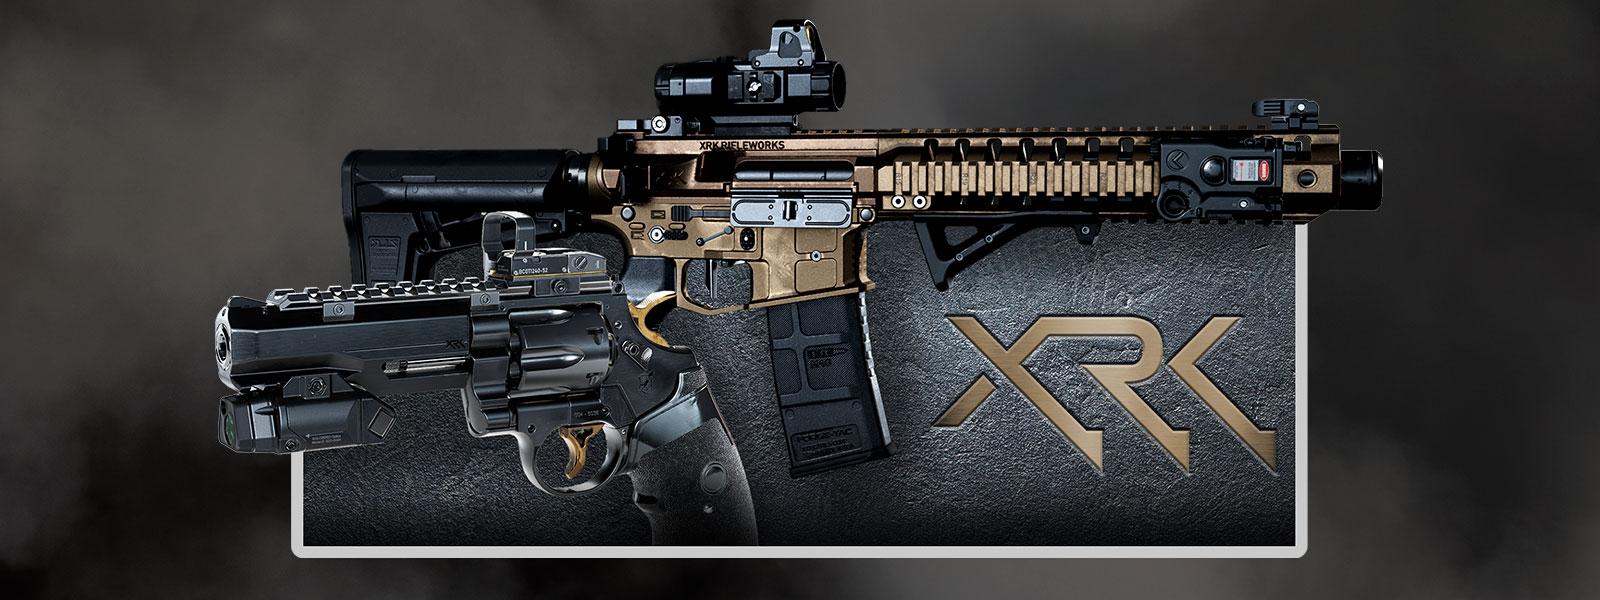 Vue latérale de deux pistolets sur fond texturé et logo XRK